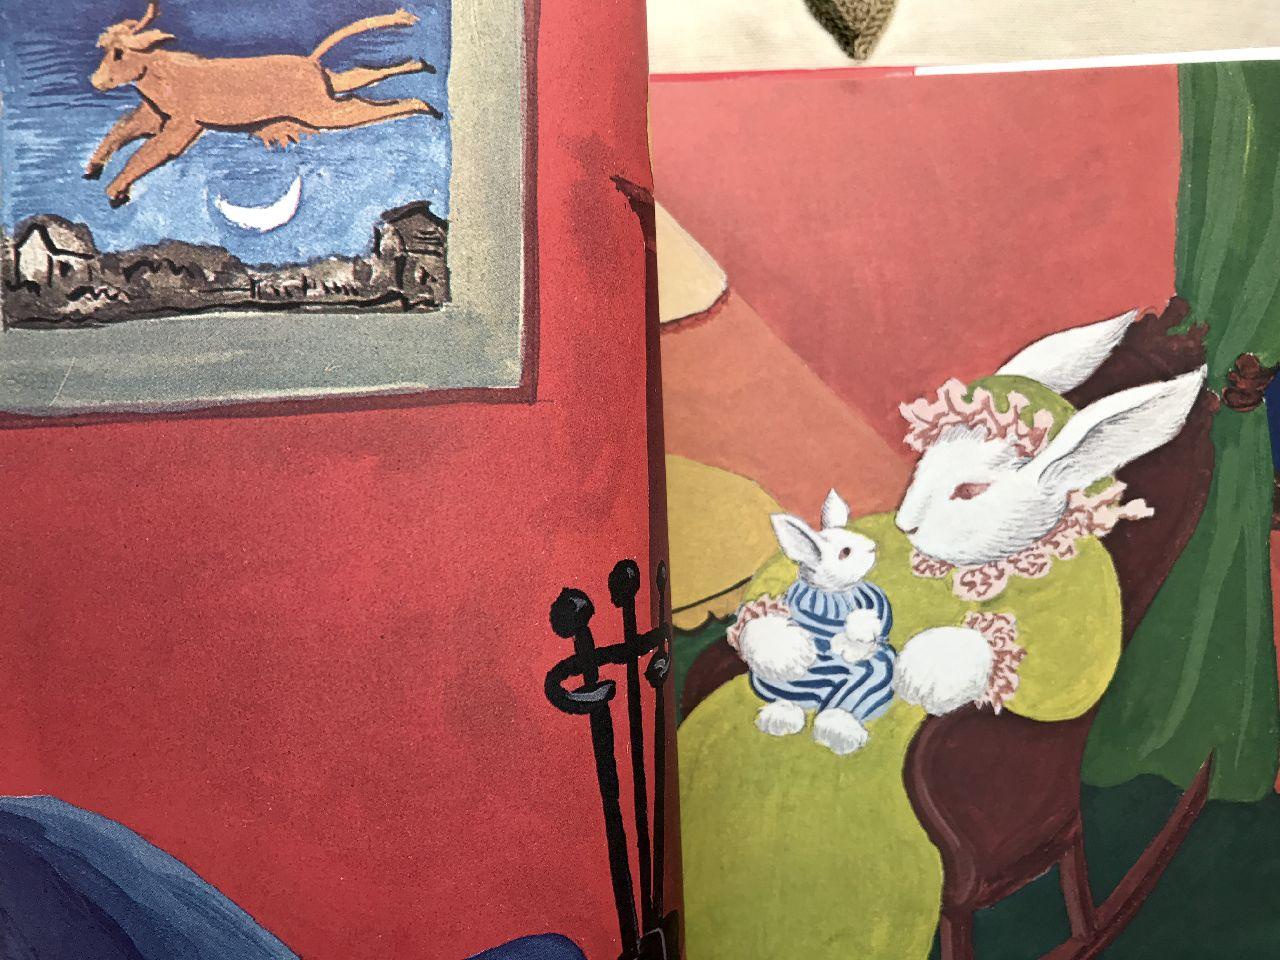 Margaret Wise Brown - Clement Hurd, Dove scappi coniglietto?, Harper Collins